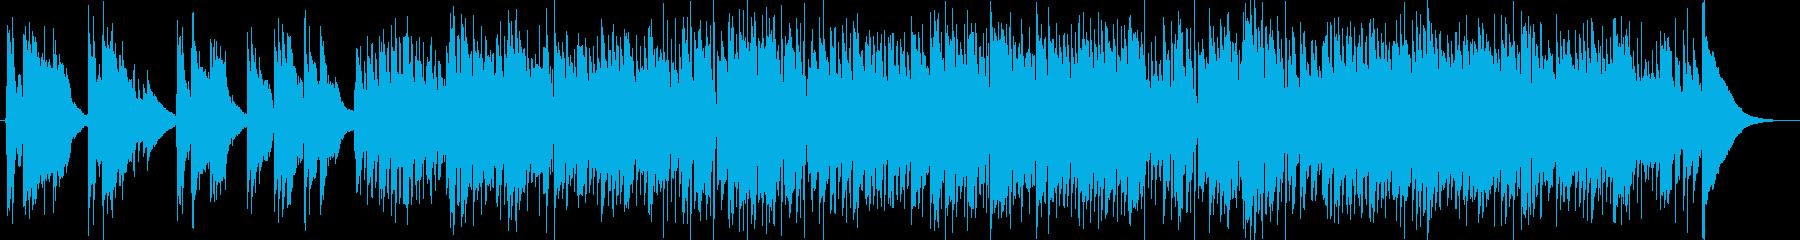 切ないバラード、波止場の再生済みの波形